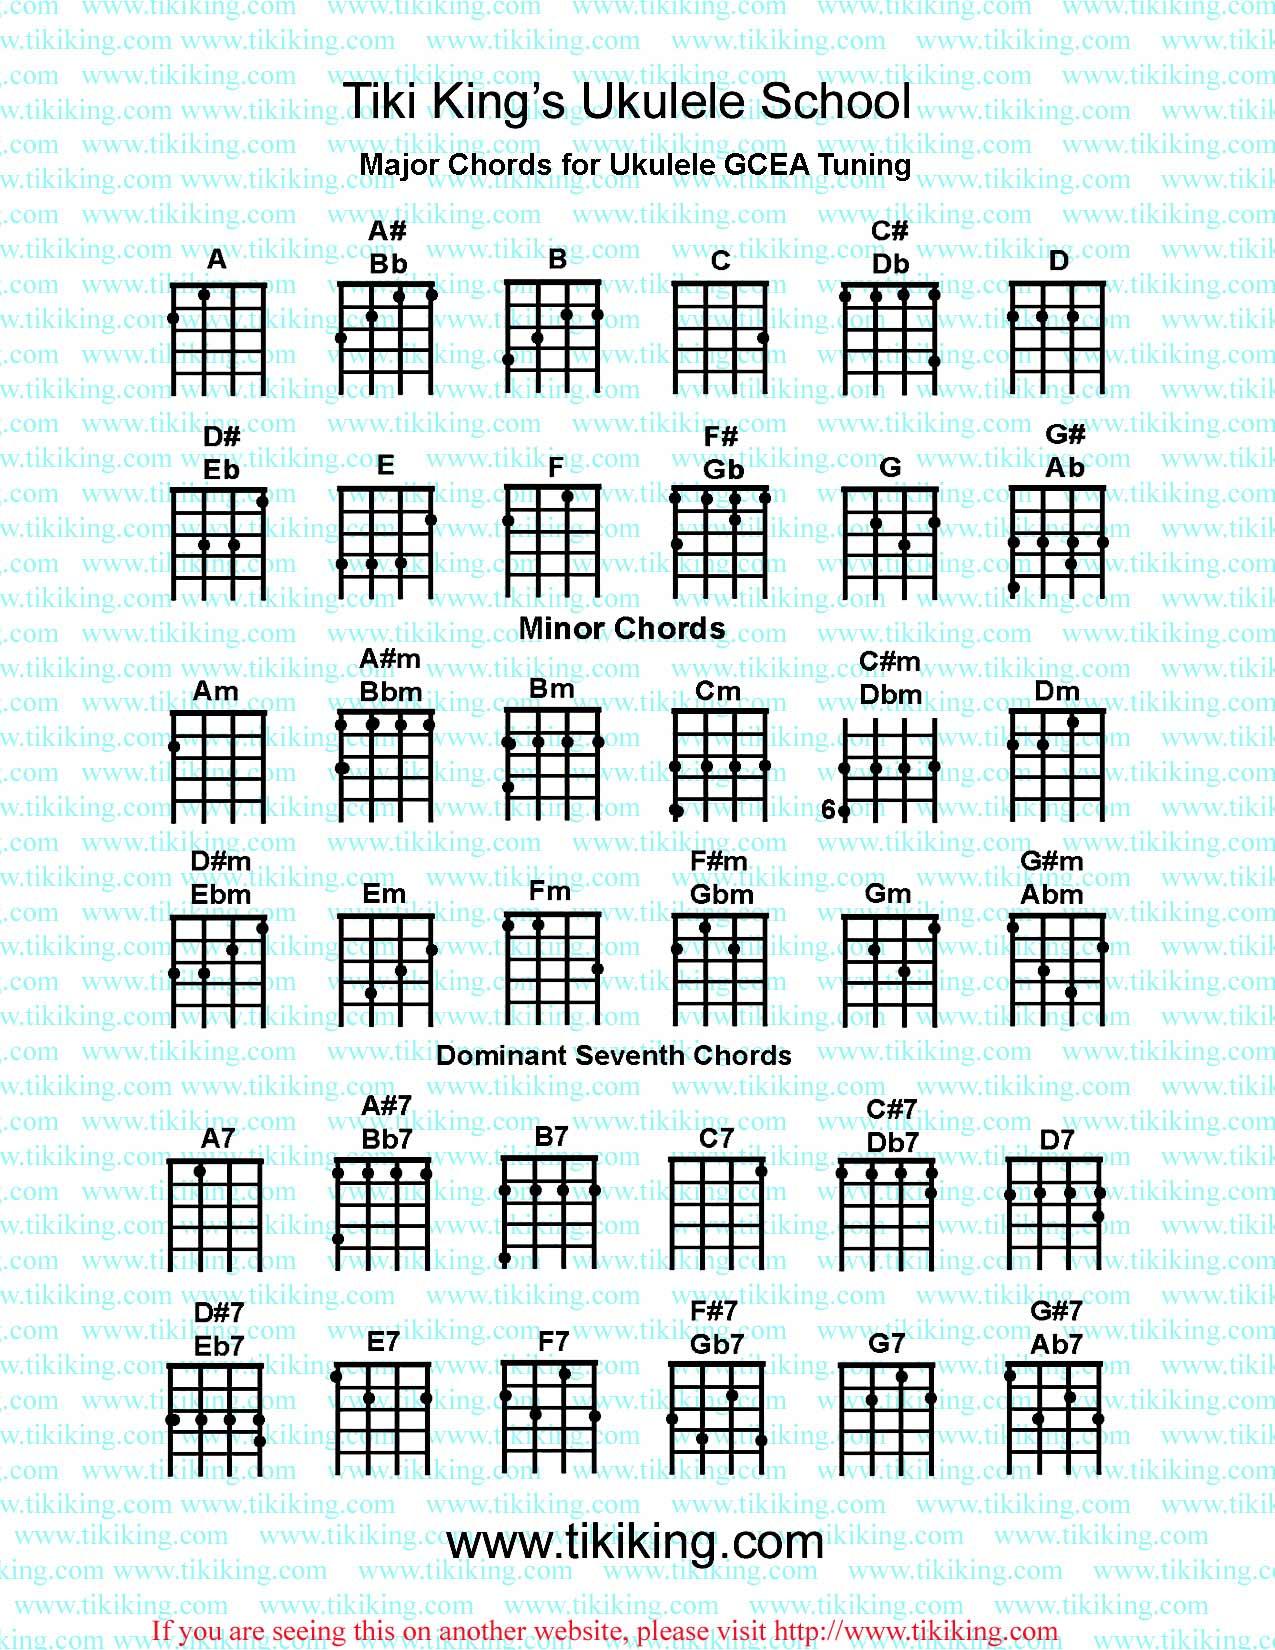 Ukulele Chords Chart Tiki Kings Ukulele Chord Chart 1